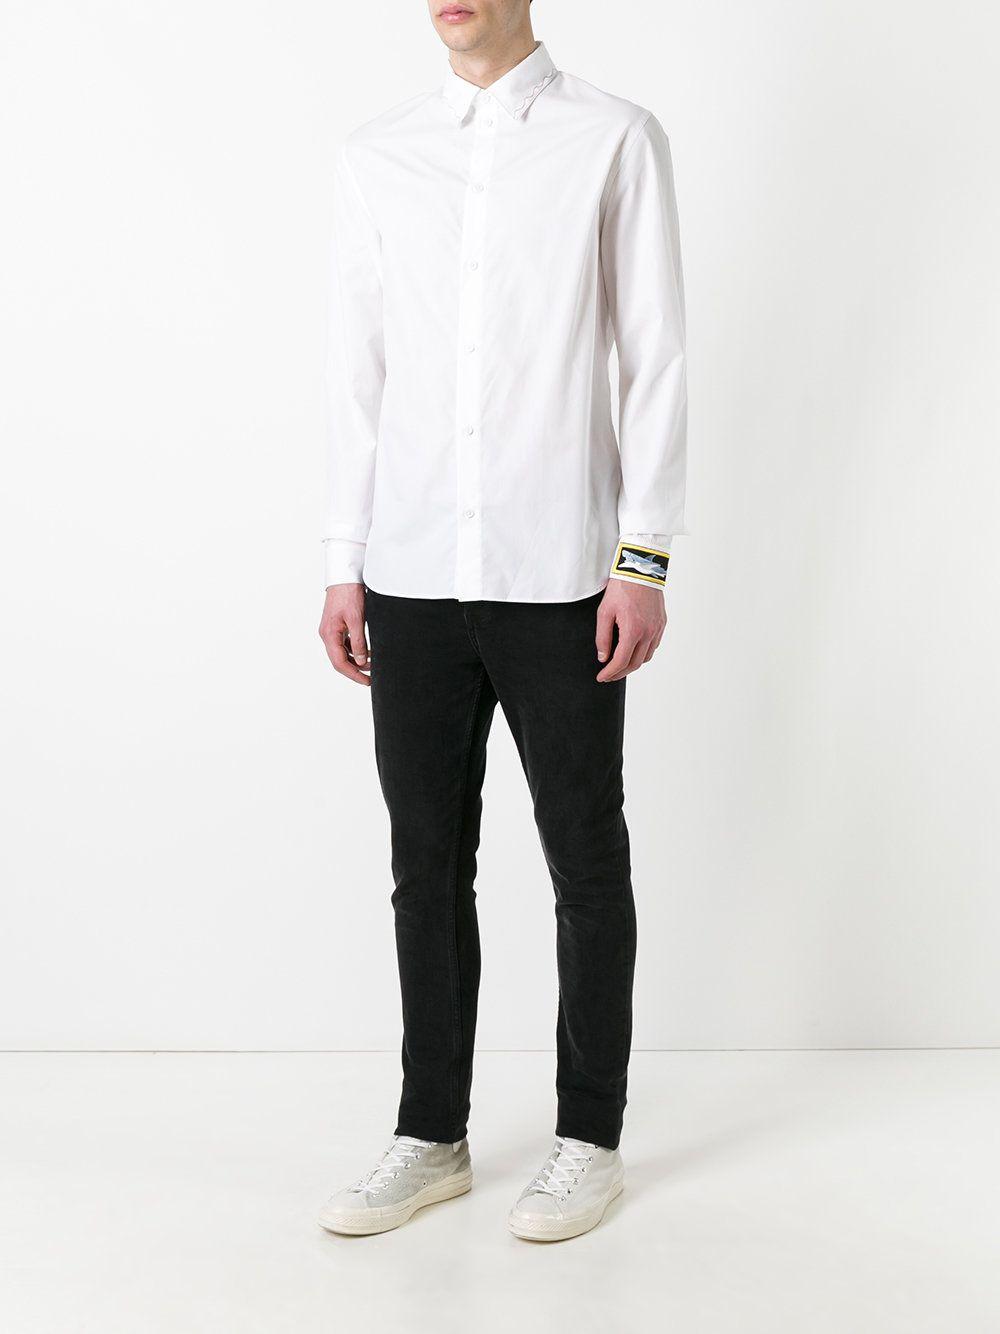 J.W.ANDERSON   chemise classique    271 €